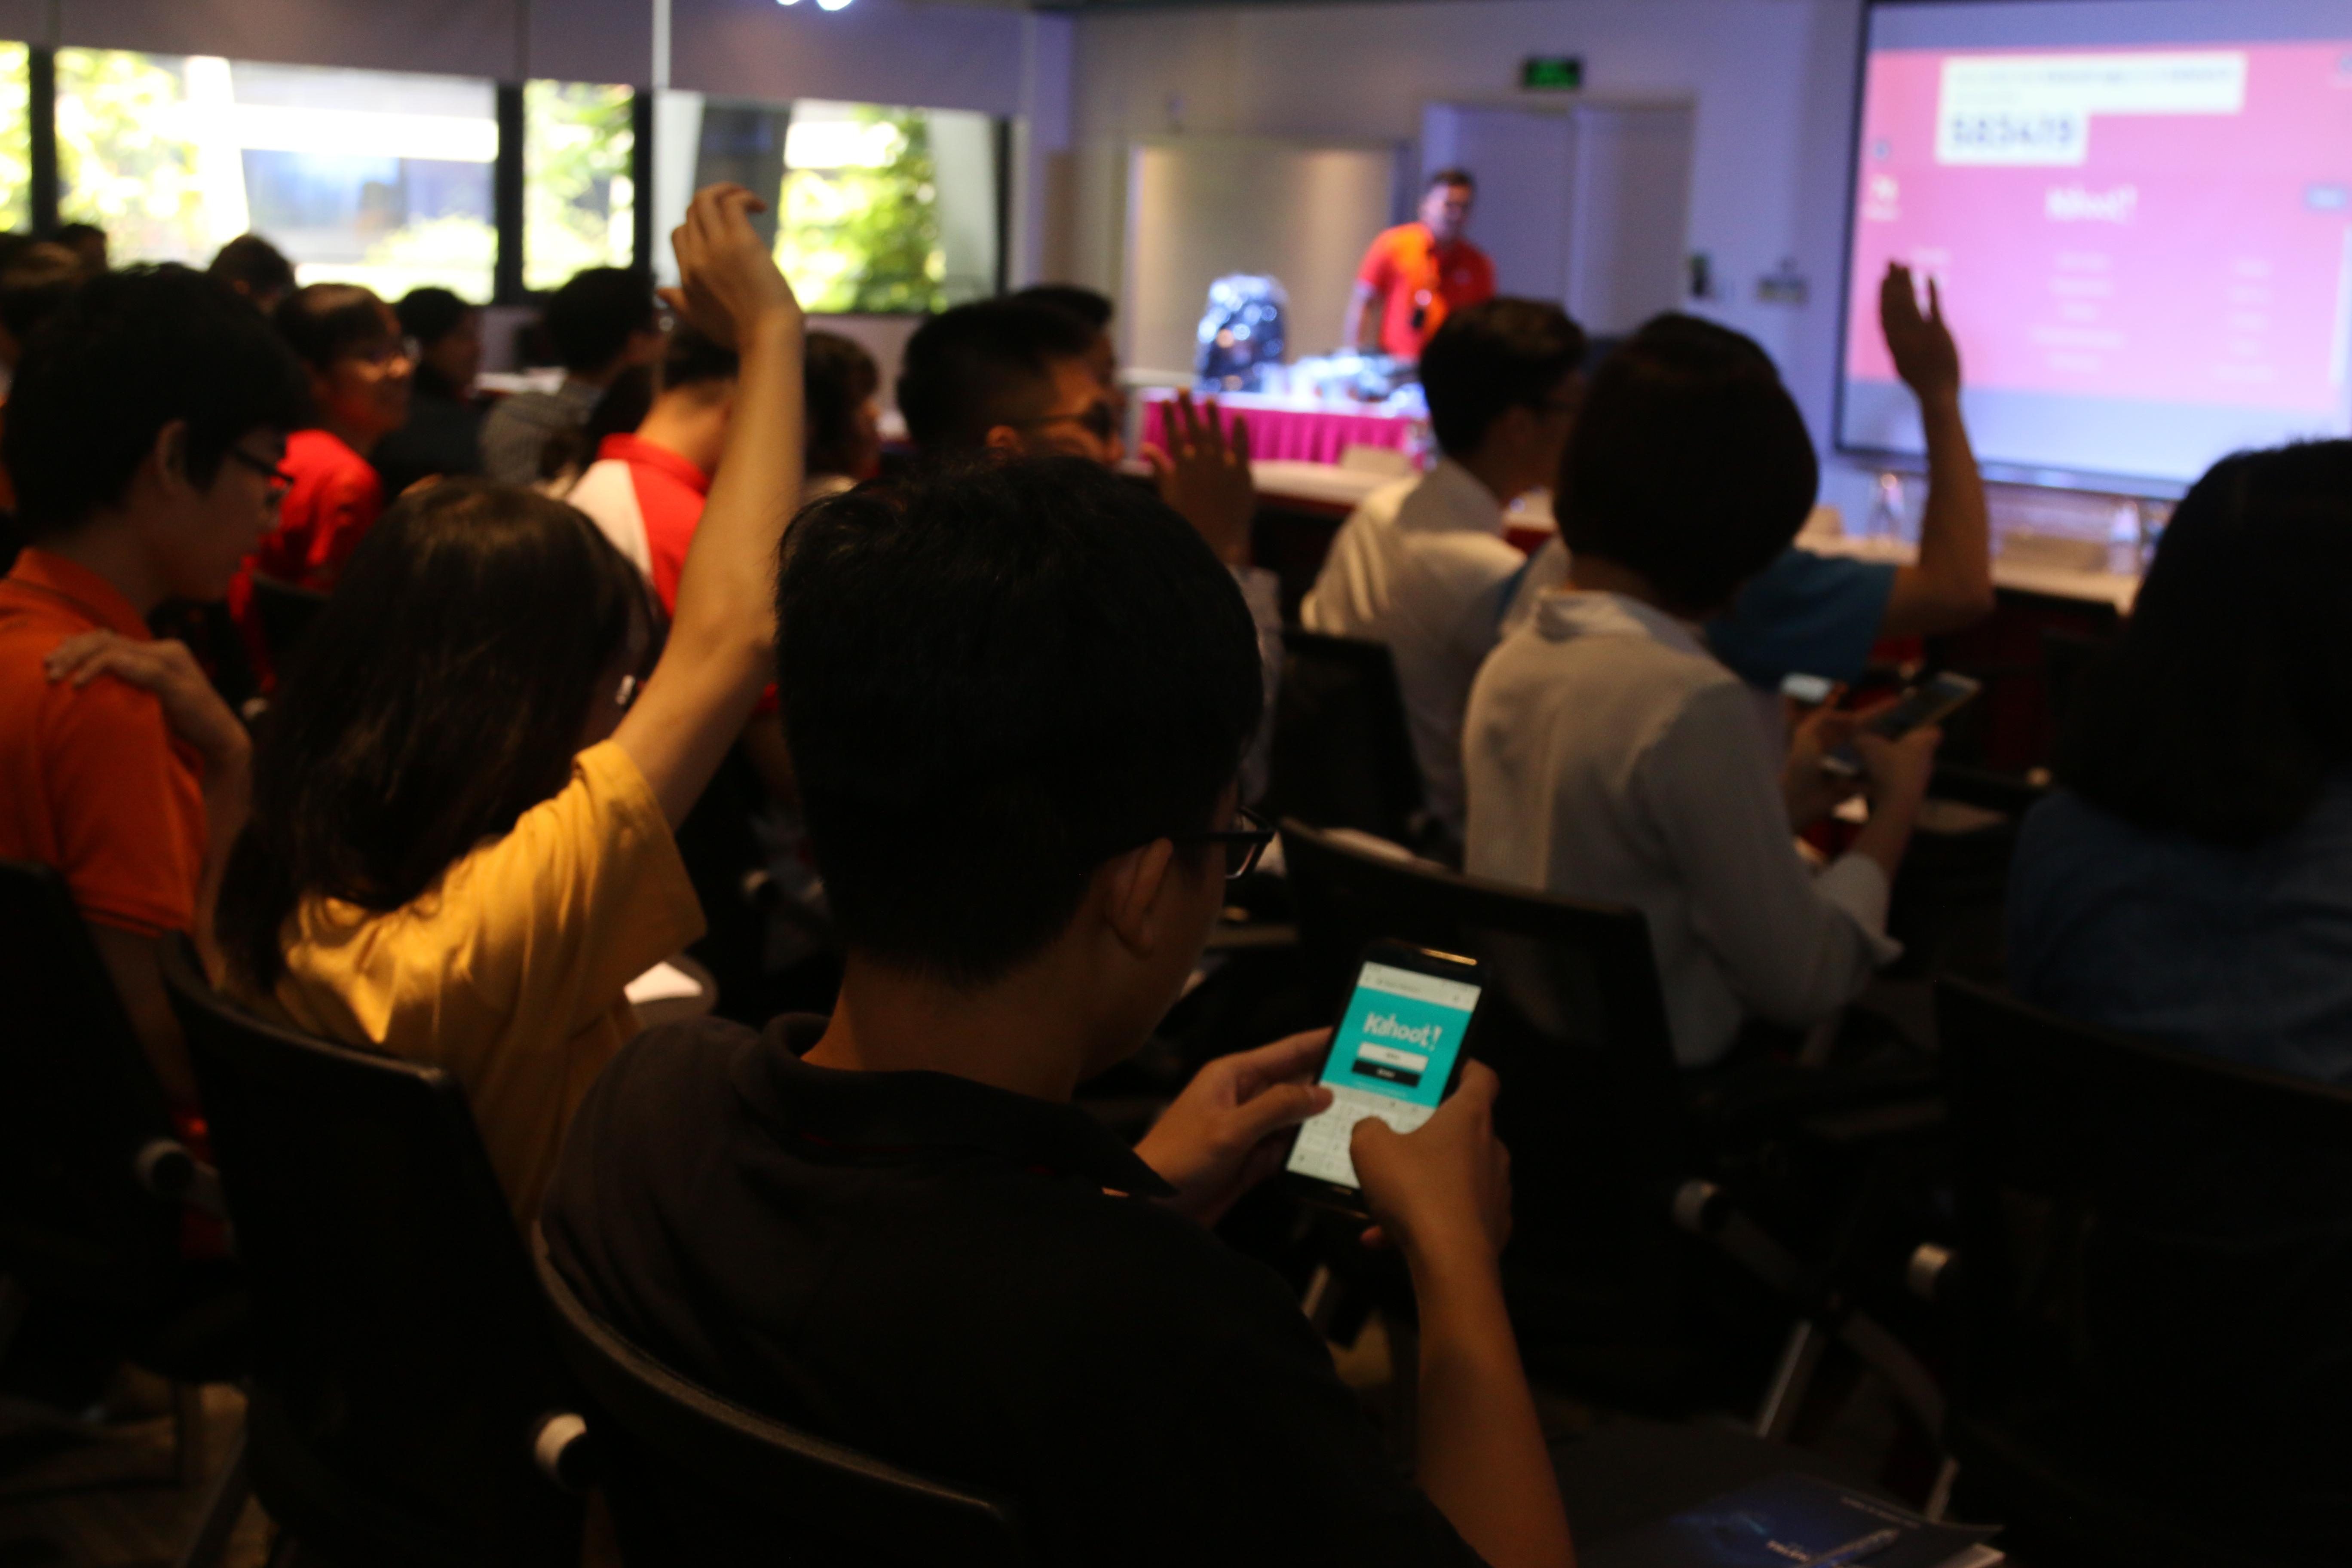 Trò chơi tương tác cuối chương trình khiến các sinh viên thích thú và hào hứng bởi tính cạnh tranh cao cùng công nghệ được tích hợp trong đó. Các bạn sinh viên đăng nhập vào trang web của trò chơi một cách dễ dàng, nhanh chóng và trả lời nhanh 14 câu hỏi liên quan đến nội dung chương trình để nhận những phần quà hấp dẫn.